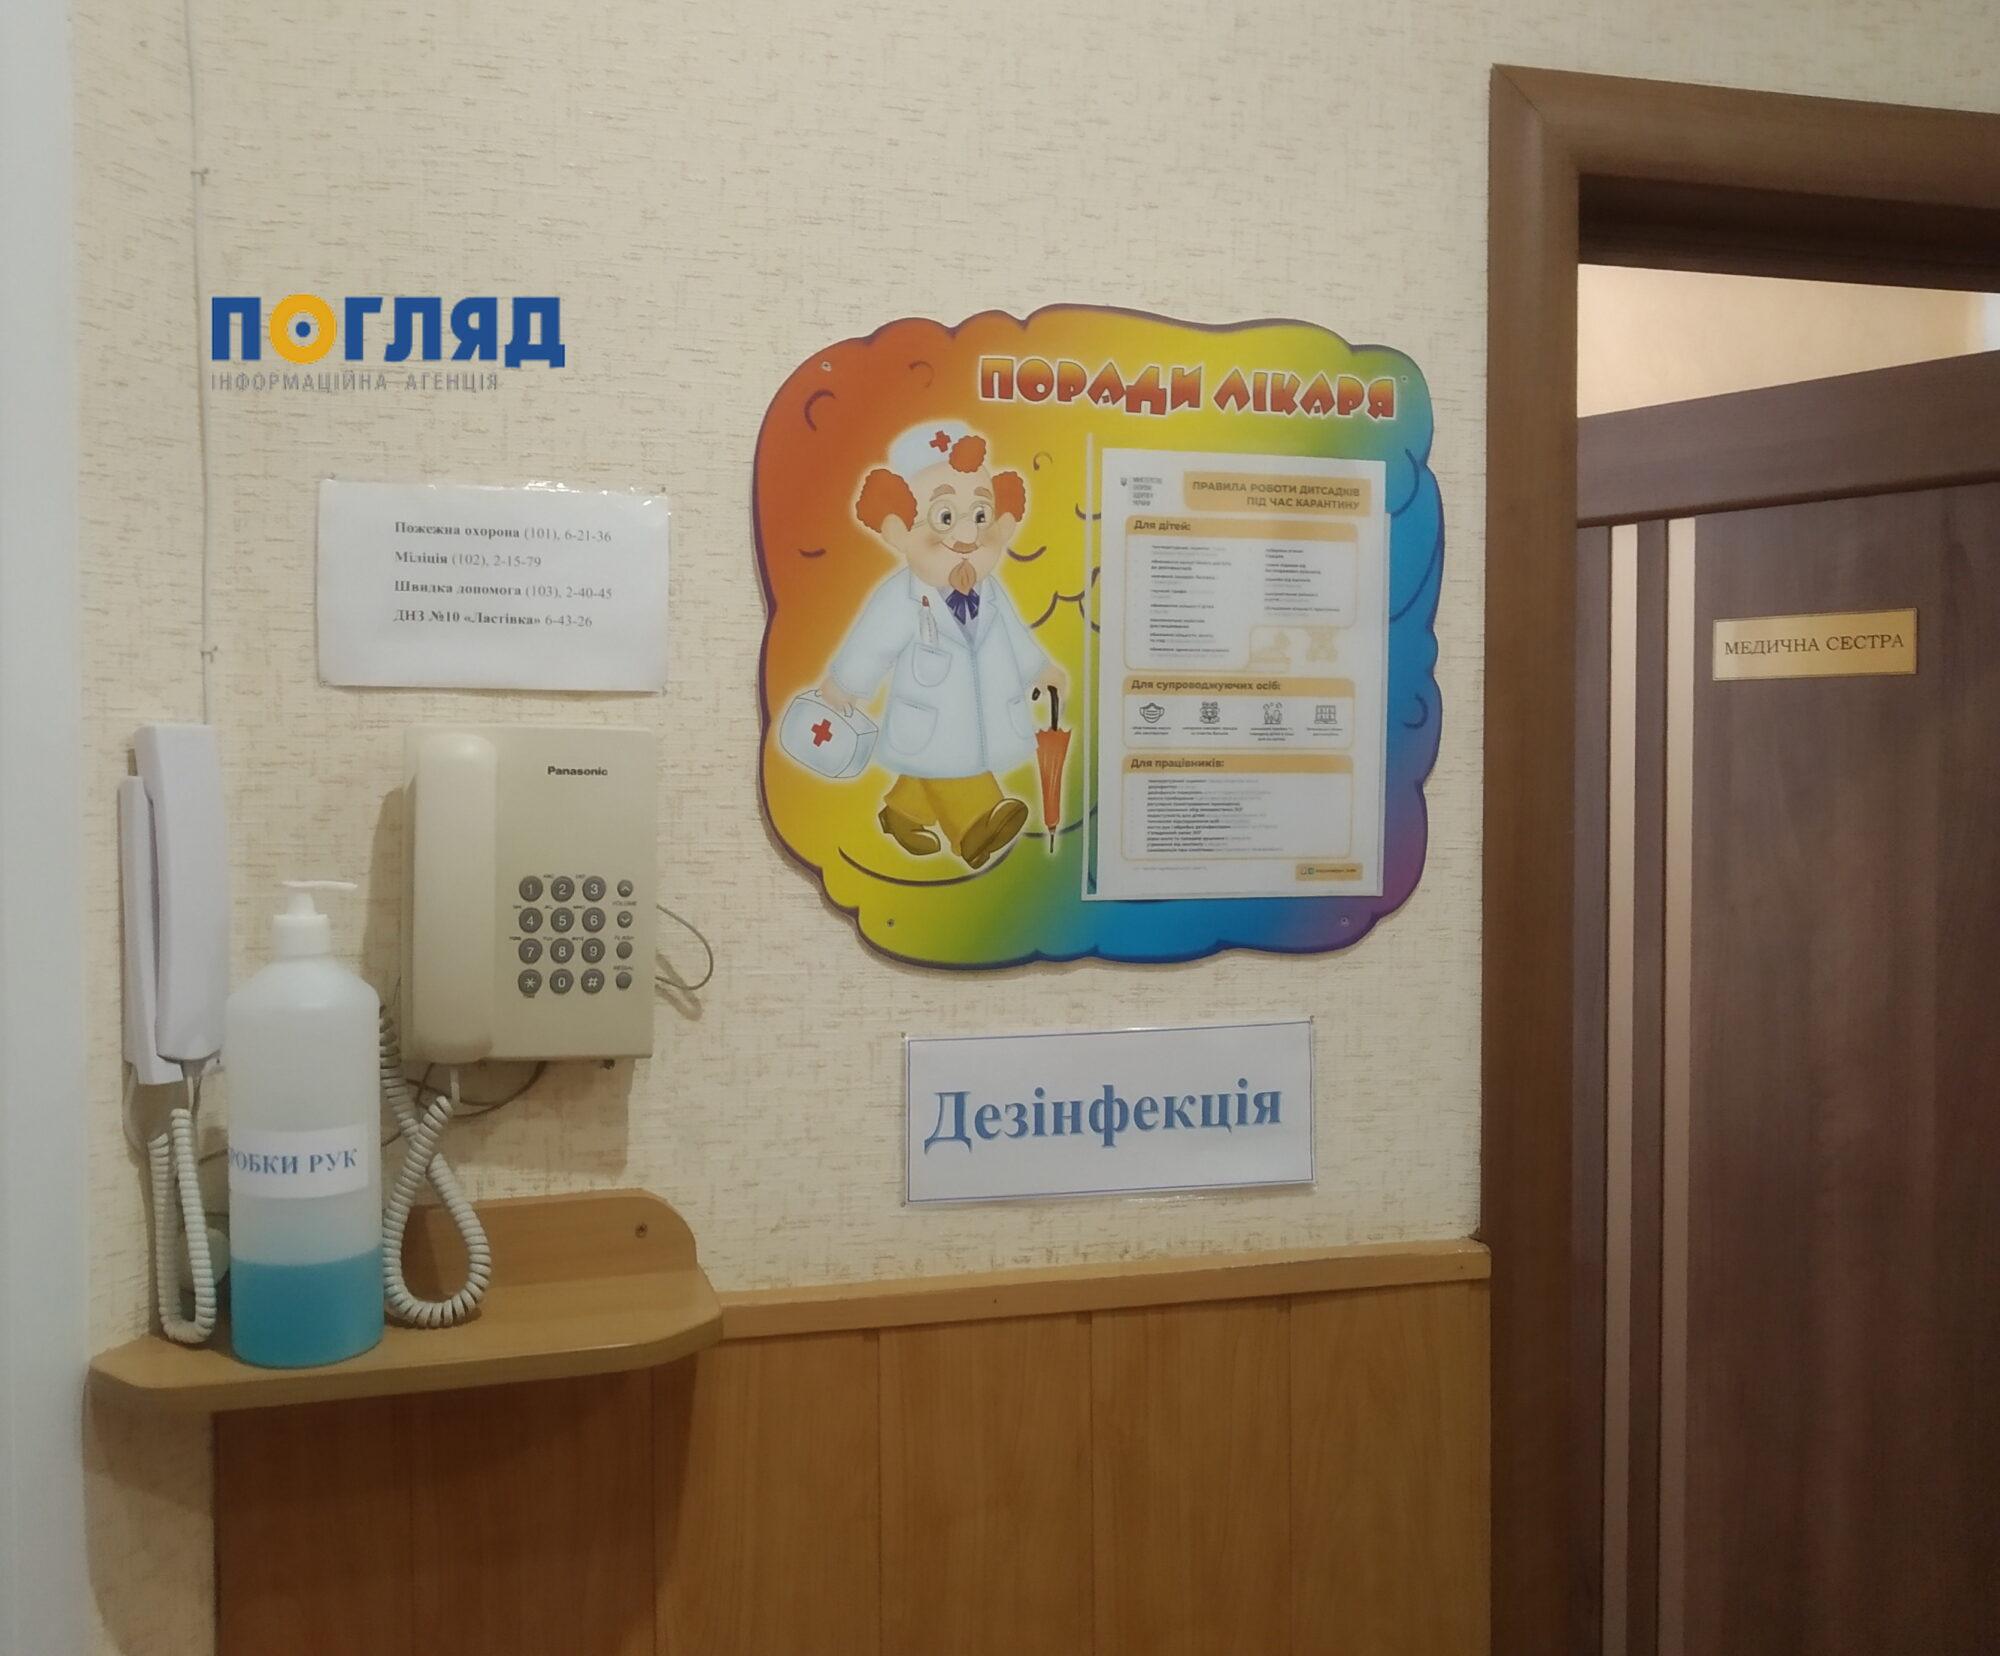 Українські діти підуть до школи 1 вересня за розробленими правилами - школярі, школа, Освіта - 000IMG 20200526 110753 2000x1656